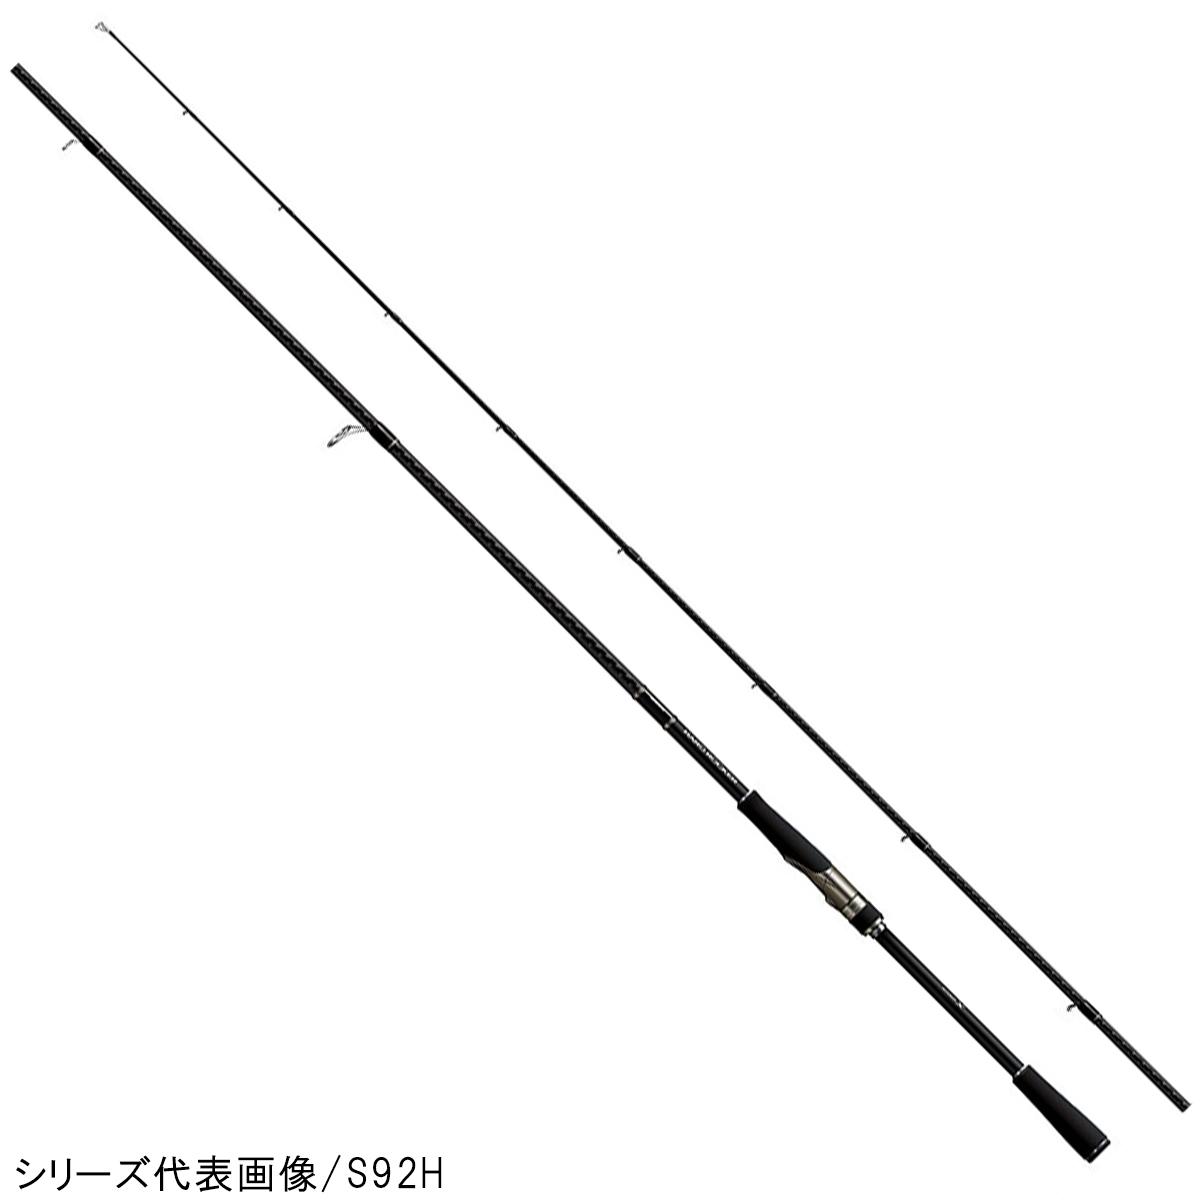 【8日最大8千円オフクーポン!】シマノ ハードロッカー S76M